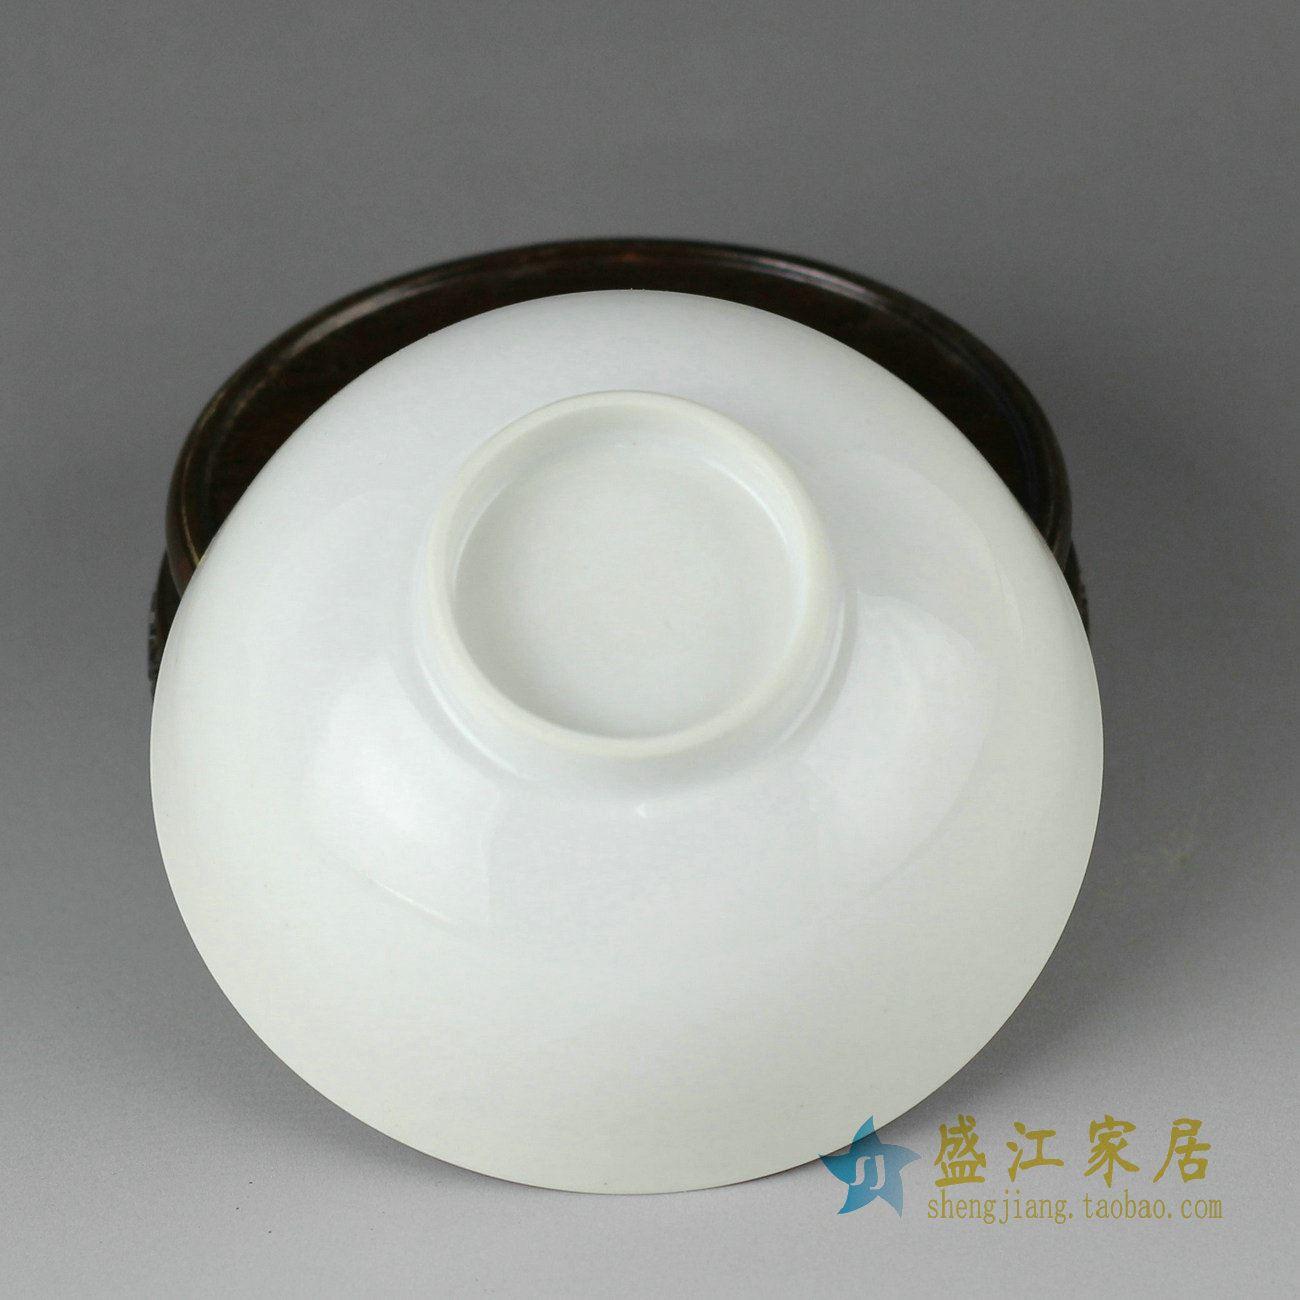 RZDG02景德镇精品陶瓷青花手绘碗吃饭完茶碗手工碗两款简单款